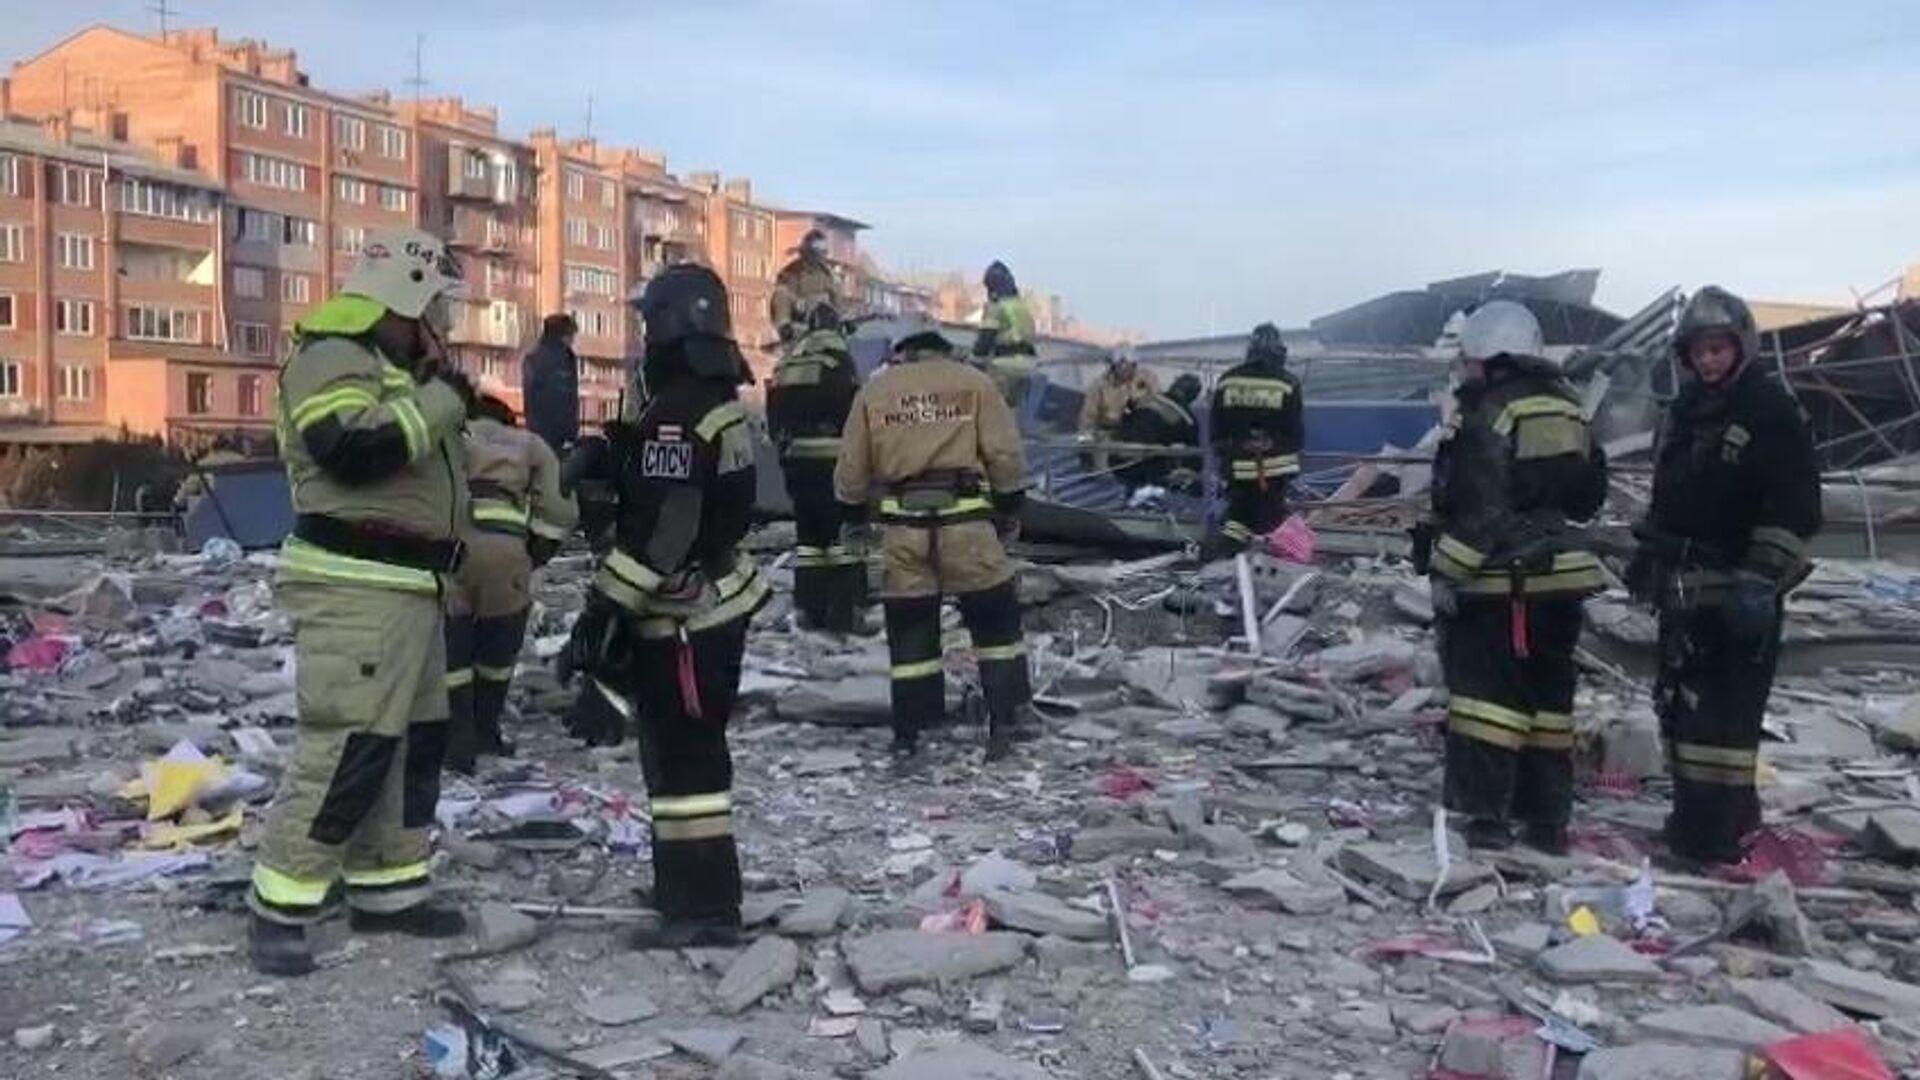 Сотрудники МЧС России разбирают завалы на месте взрыва в супермаркете на улице Гагкаева во Владикавказе - РИА Новости, 1920, 12.02.2021